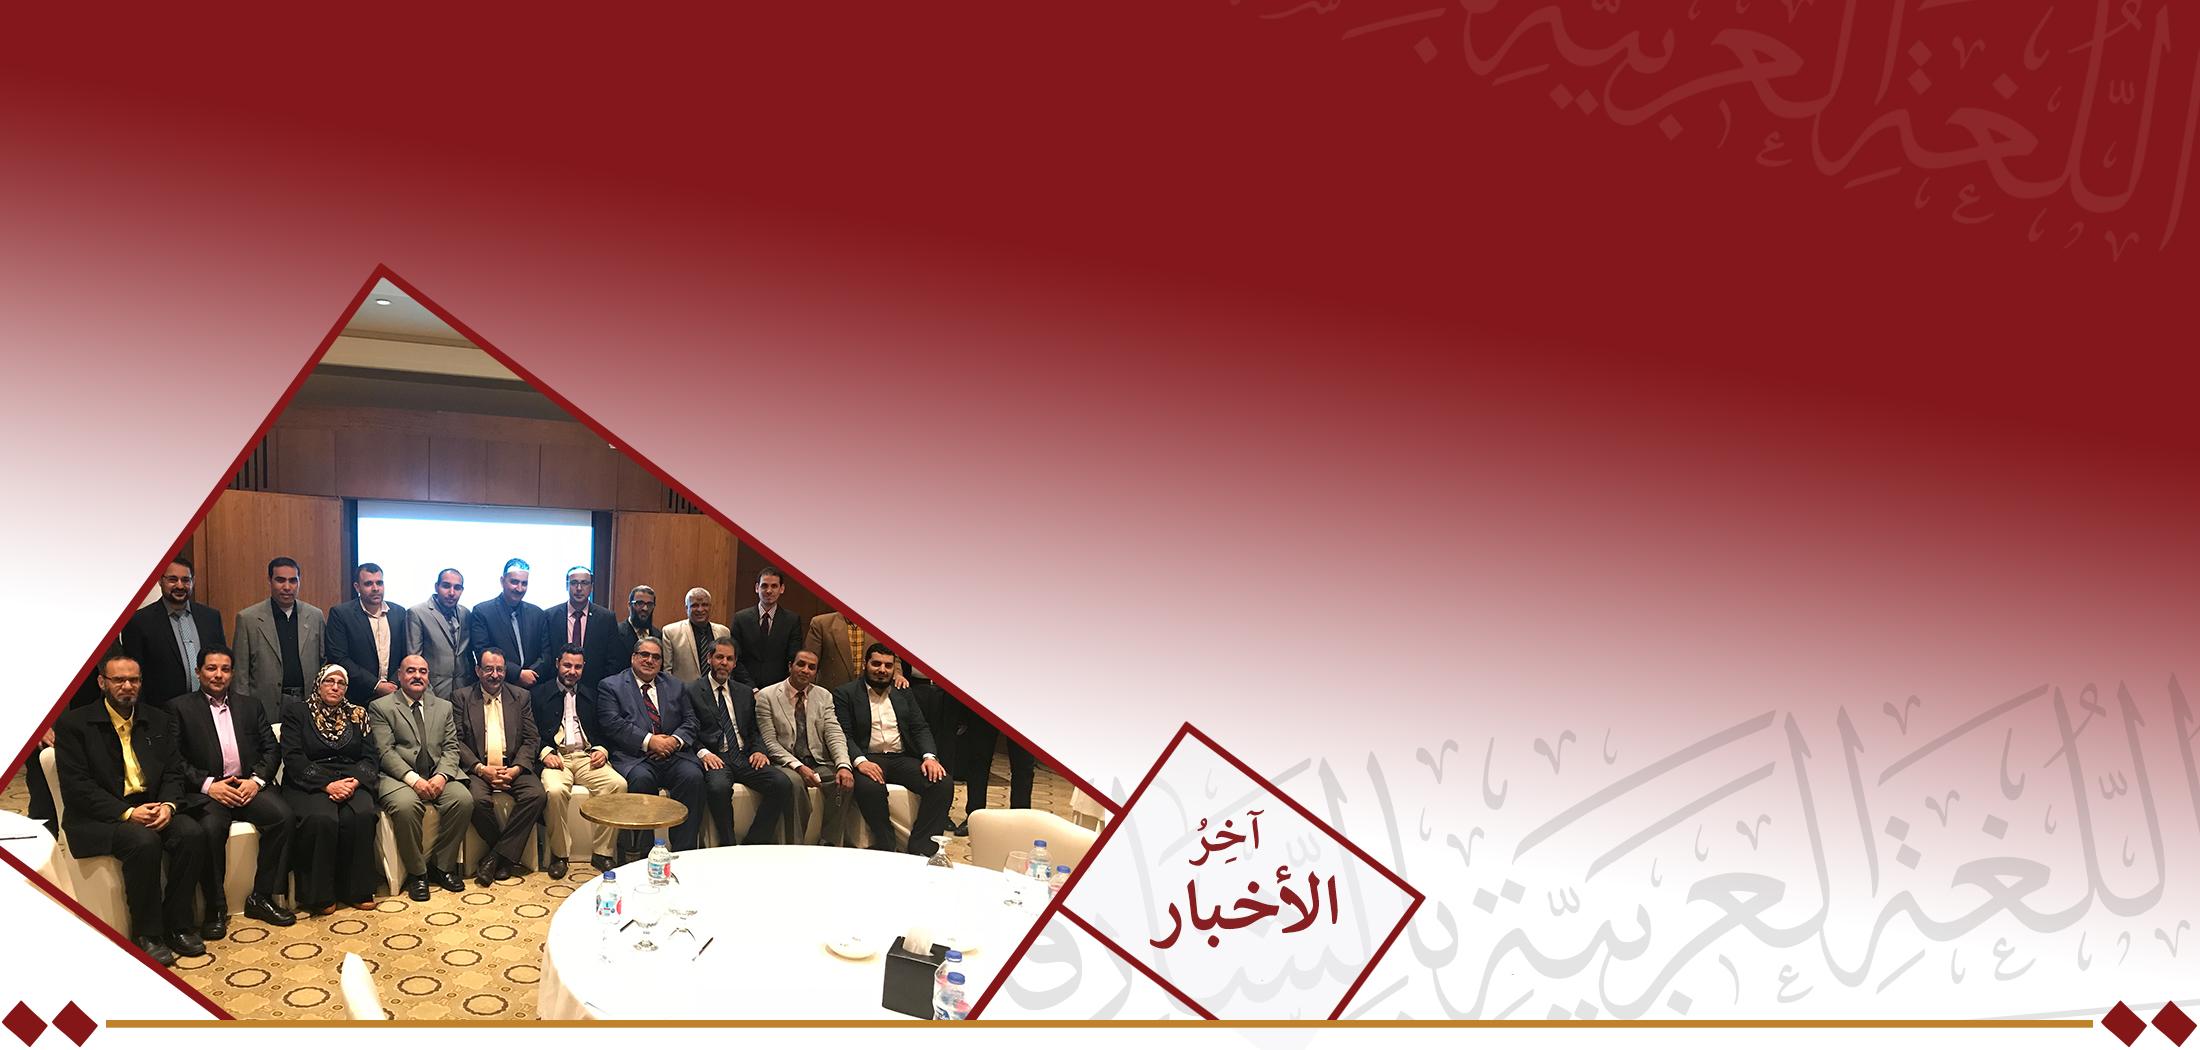 الشروع في التدريب العملي الخاص بالتحرير المعجمي في القاهرة-أخبار